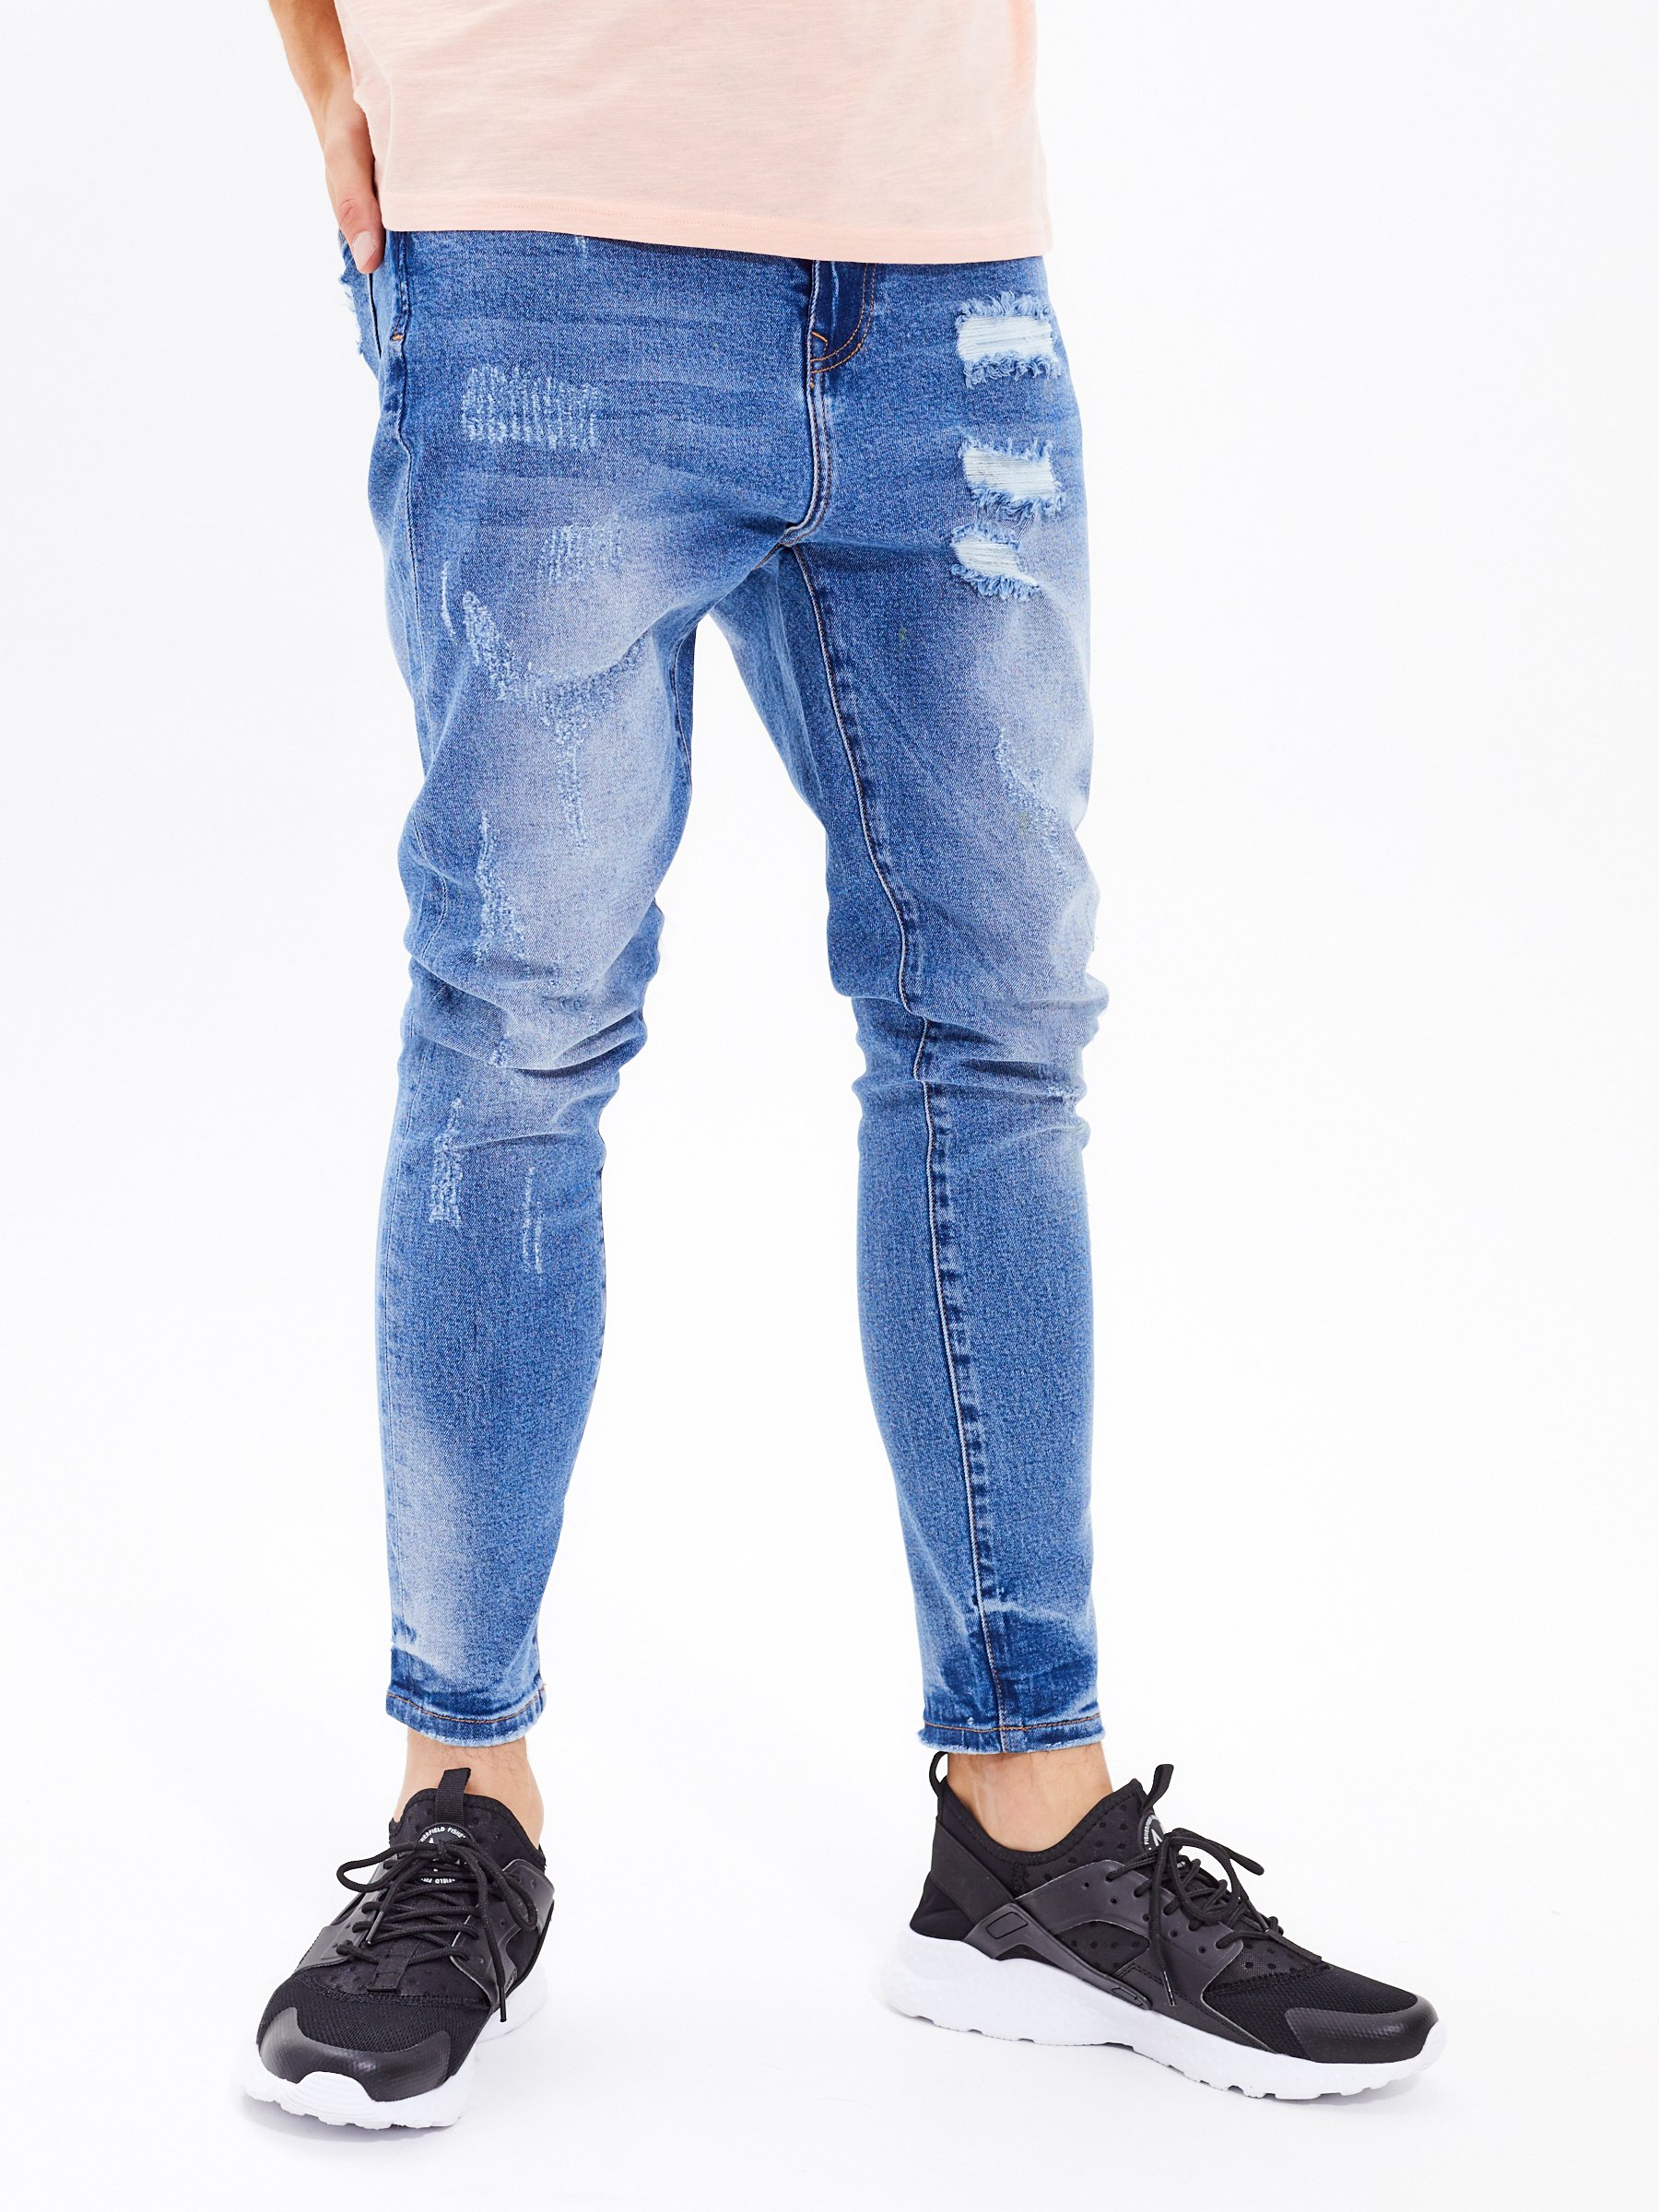 b7ee88313ae Džíny straight slim fit s obnošeným vzhledem s nízkým sedem